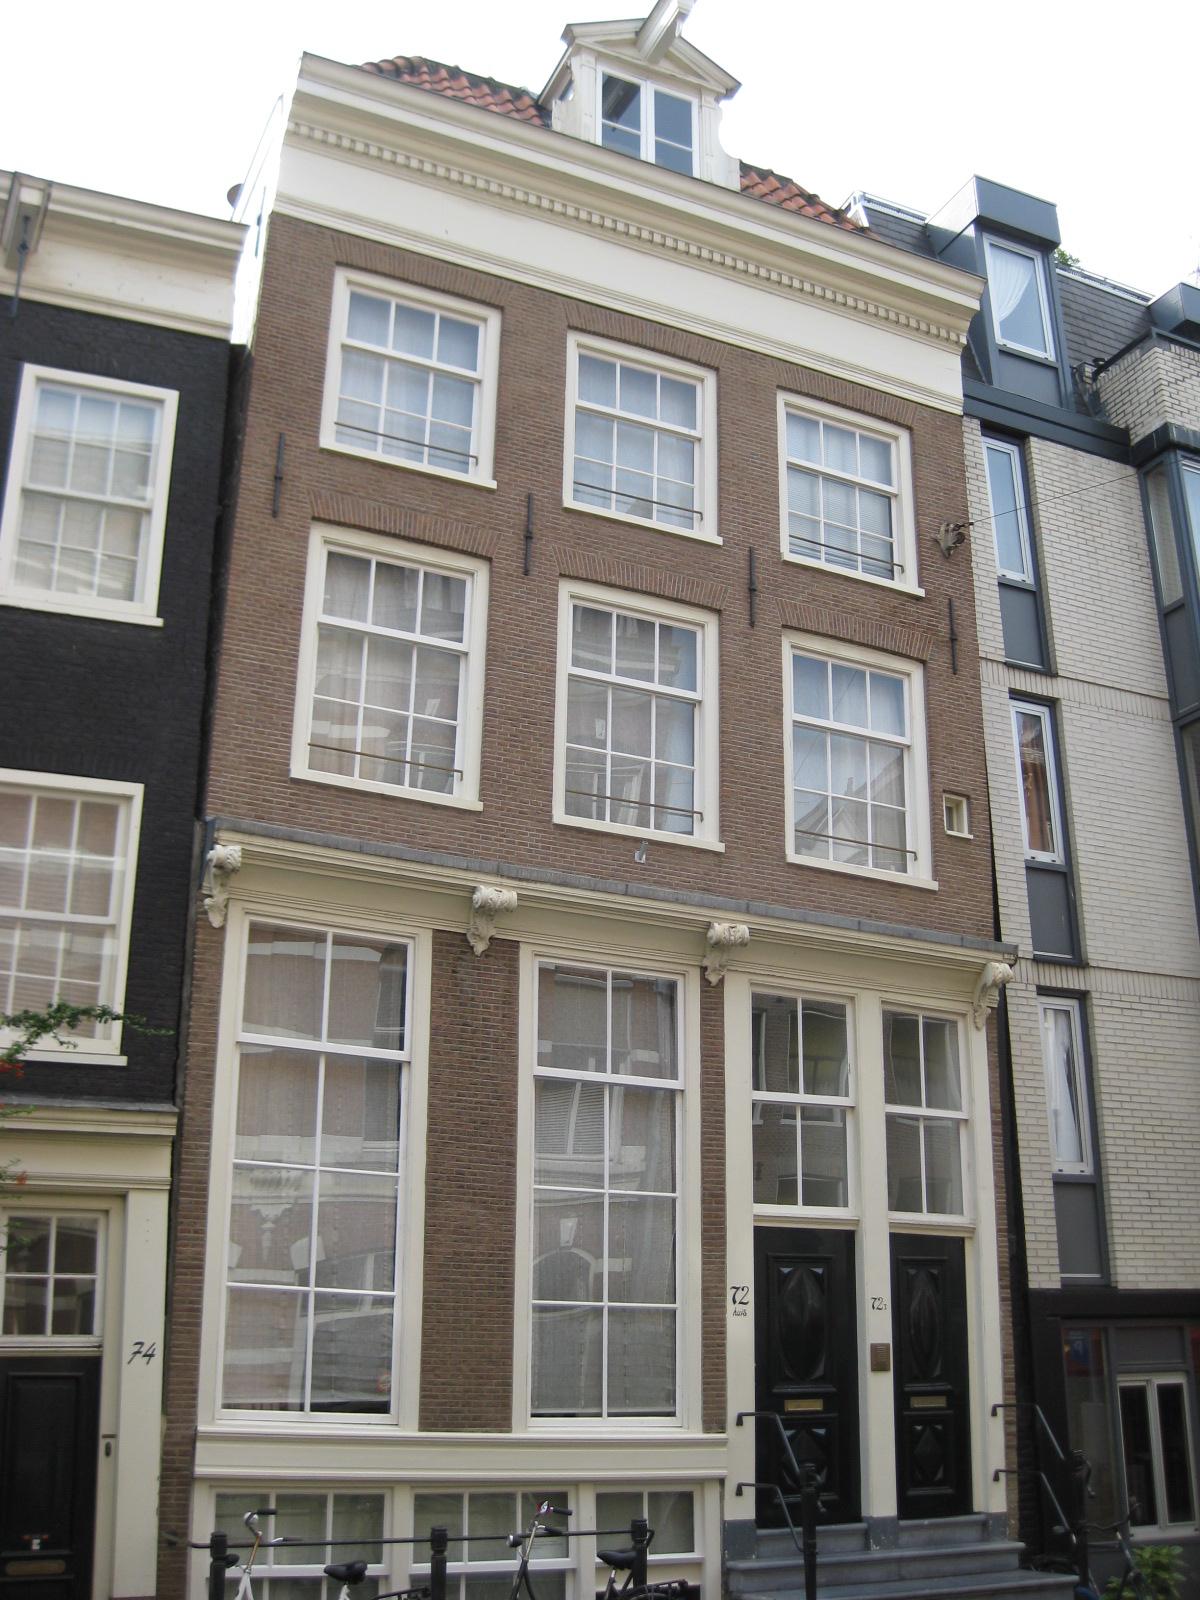 Huis met gevel waarvan de onderste helft xviiic en de bovenste in amsterdam monument - Huis gevel ...